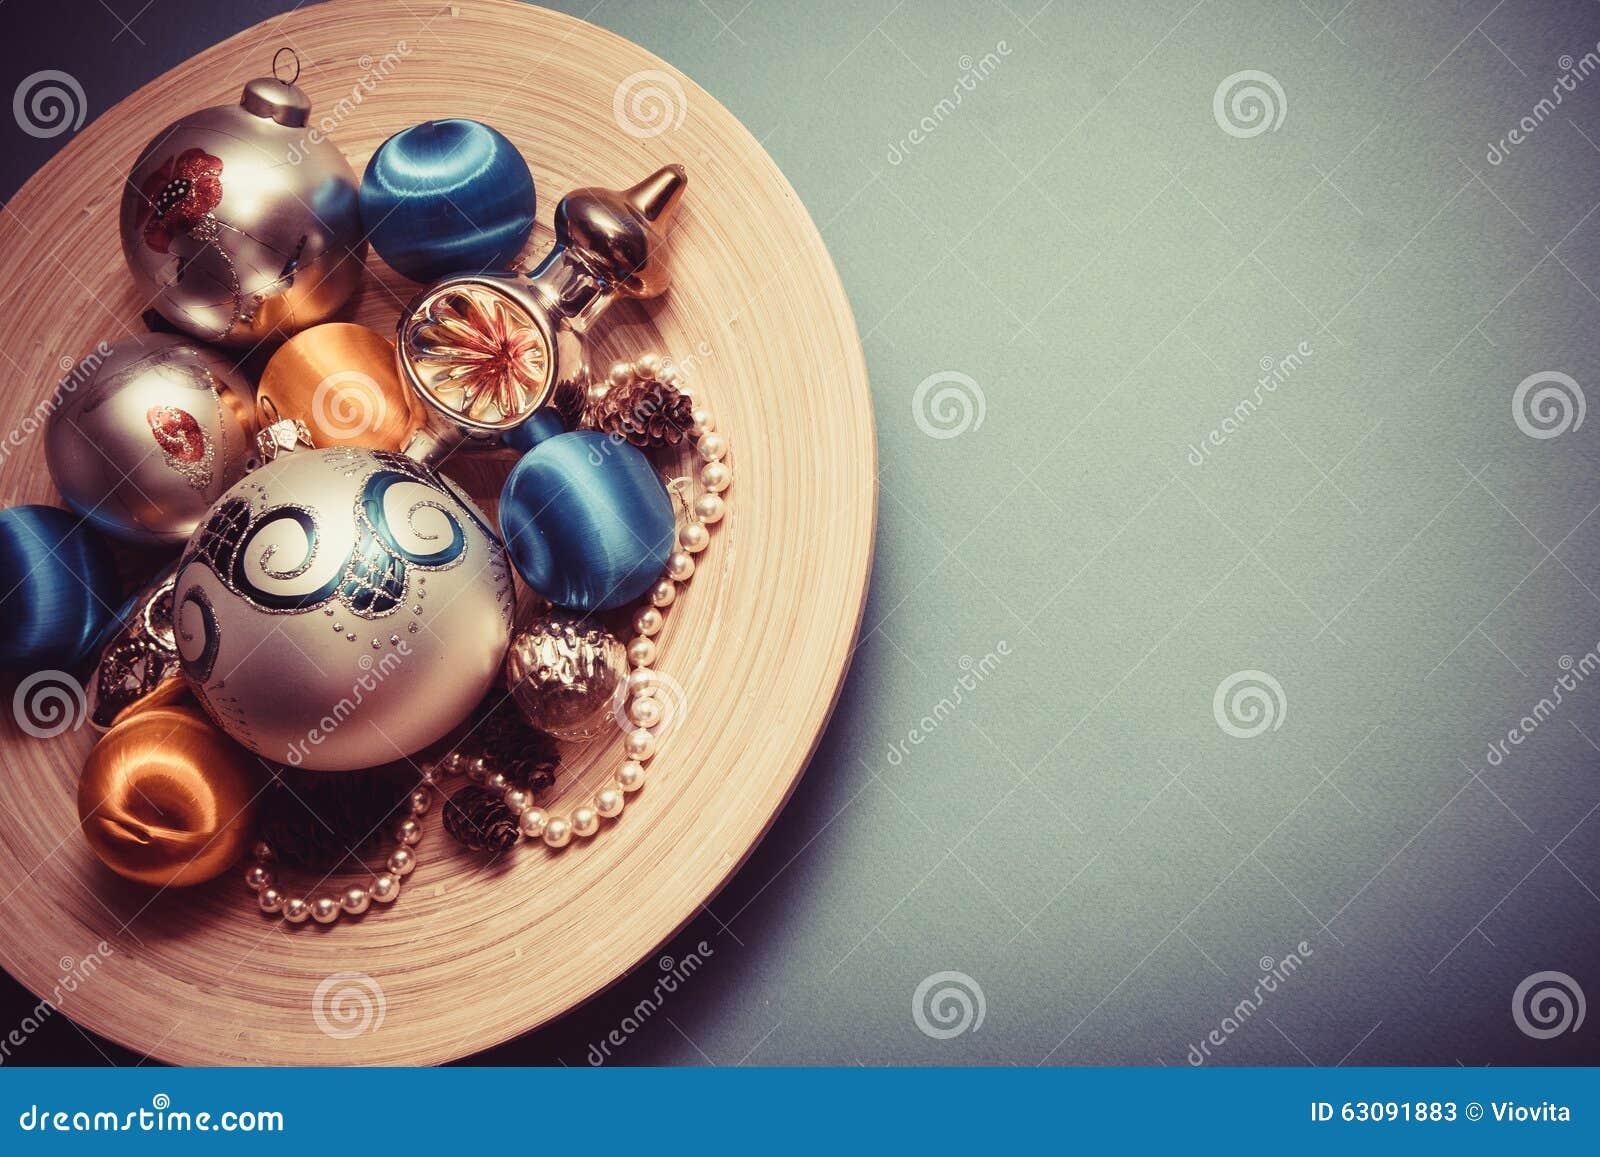 Download Fond De Décorations D'hiver Avec L'espace De Copie Image stock - Image du glace, conception: 63091883